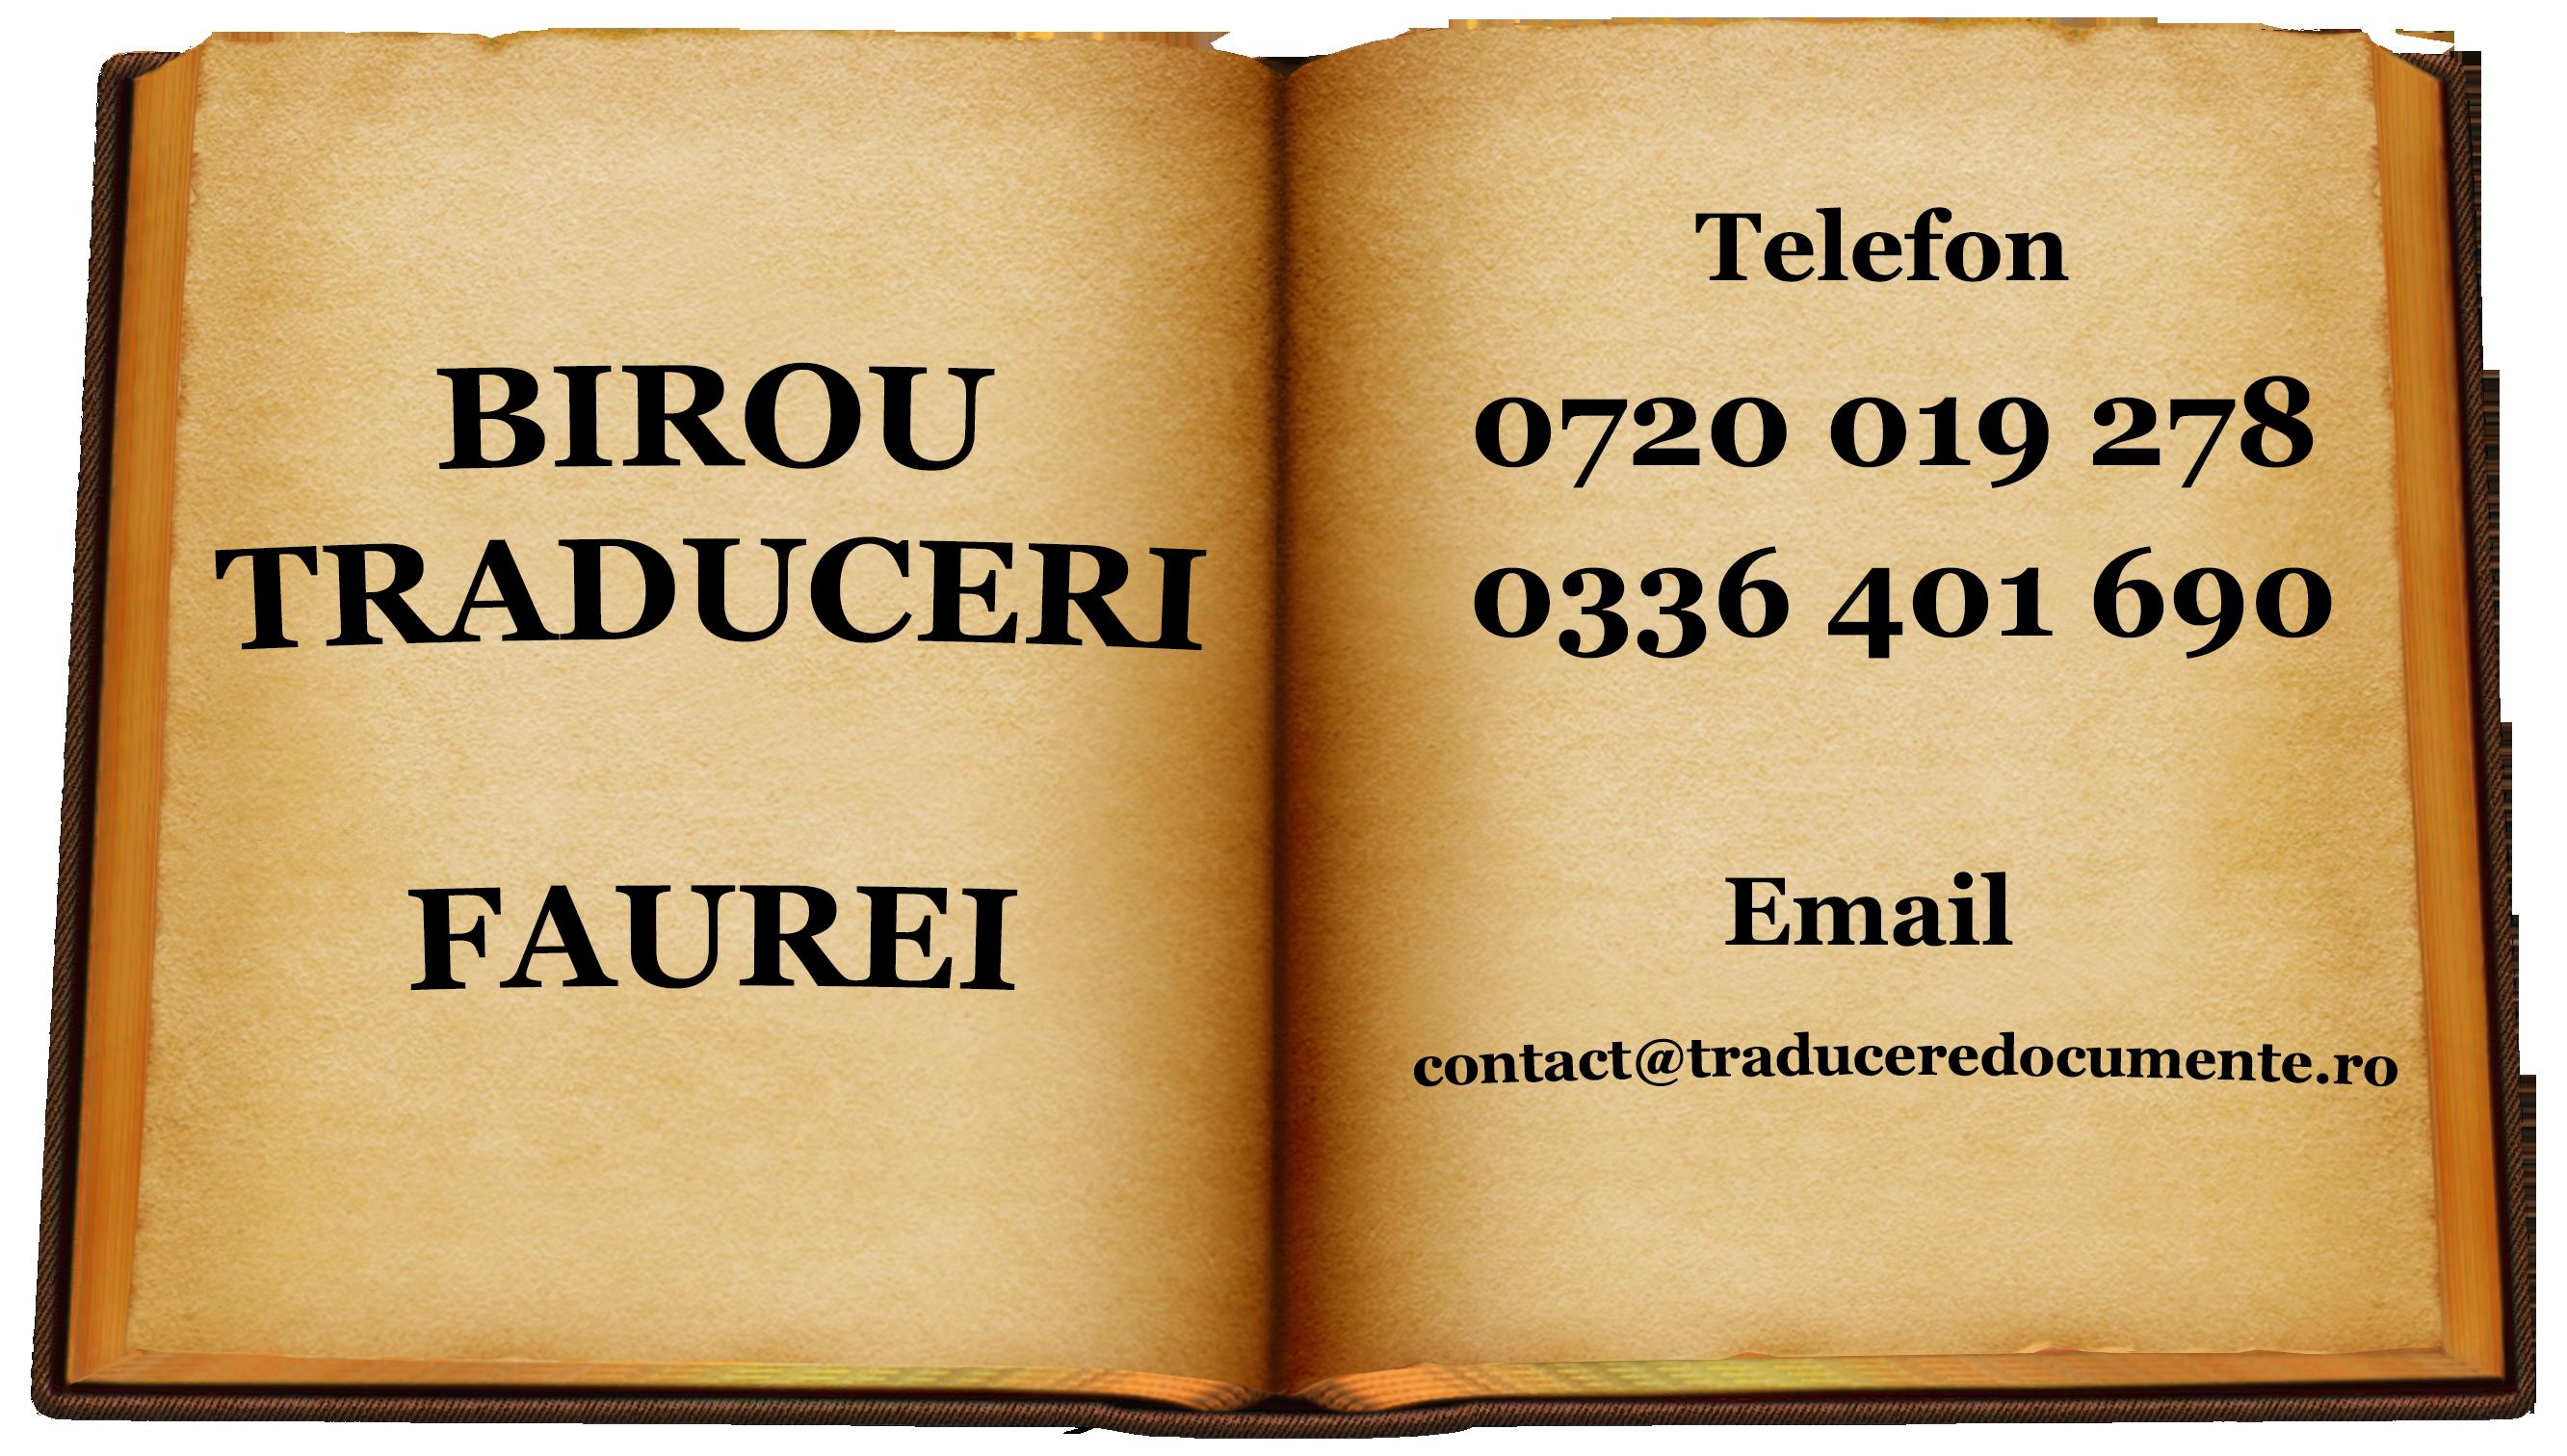 Birou traduceri Faurei